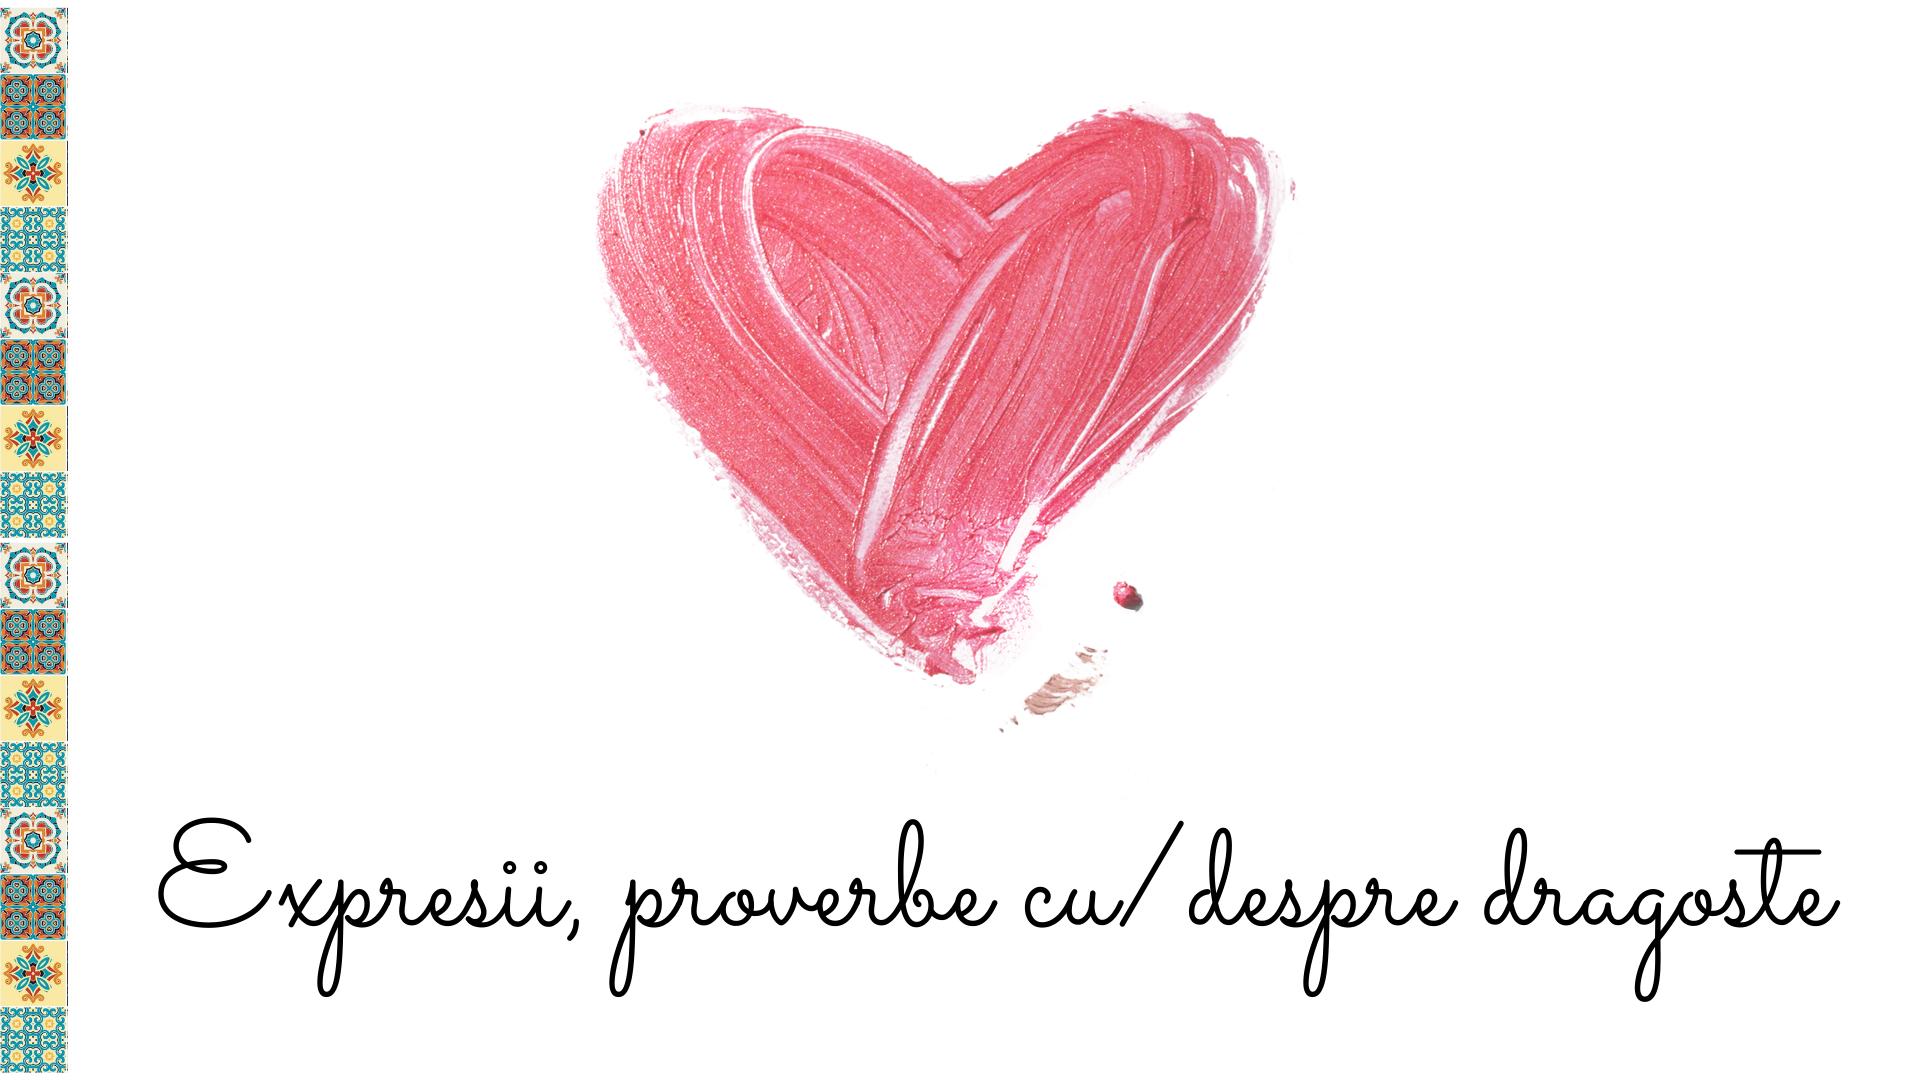 expresii si proverbe despre dragoste in portugheza